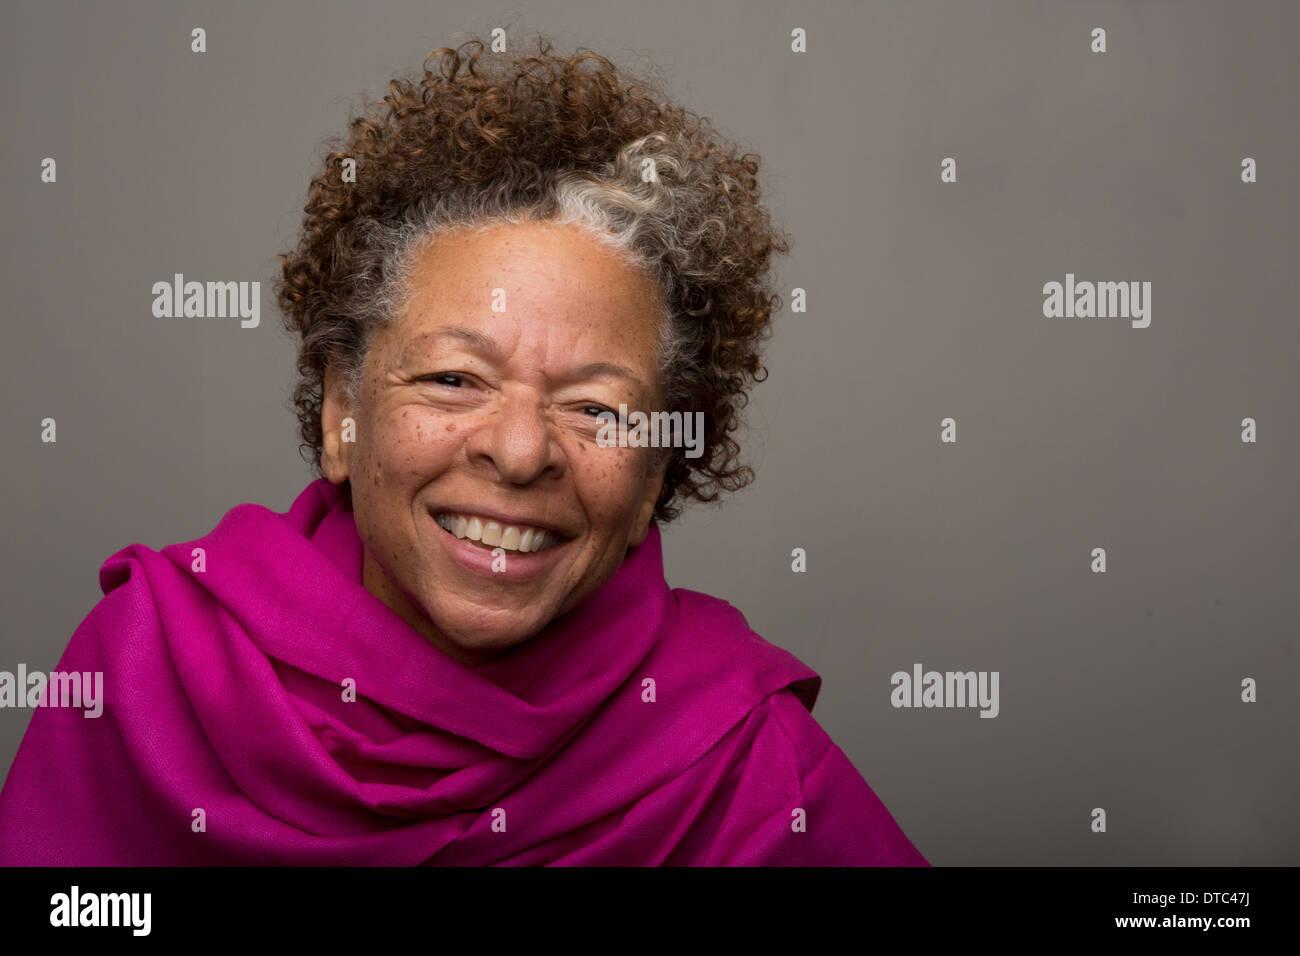 Retrato de estudio de feliz mujer senior en rosa mantón Imagen De Stock